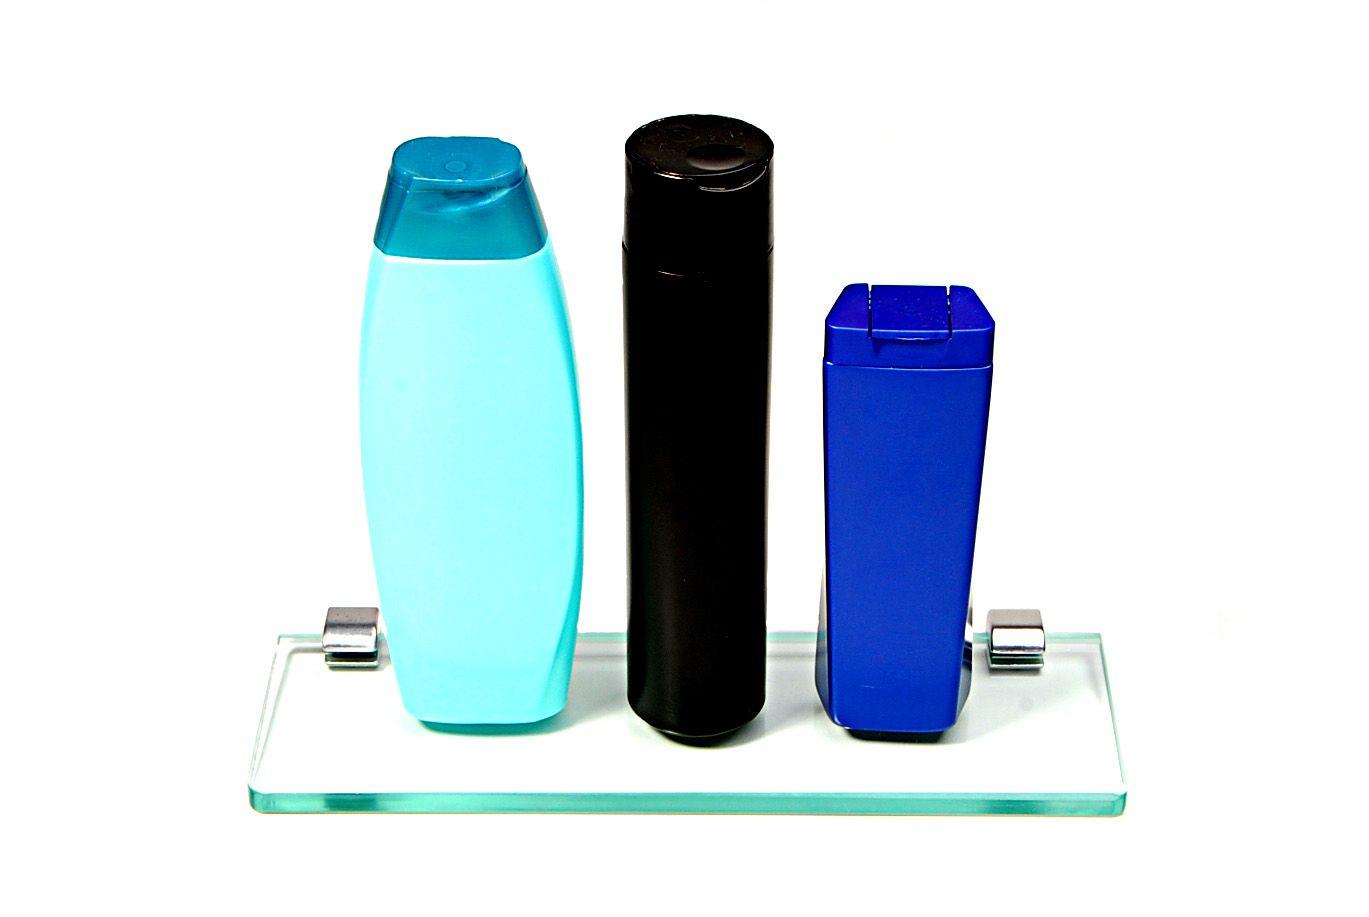 Porta Shampoo Reto em Vidro Incolor Lapidado - Aquabox  - 30cmx9cmx10mm